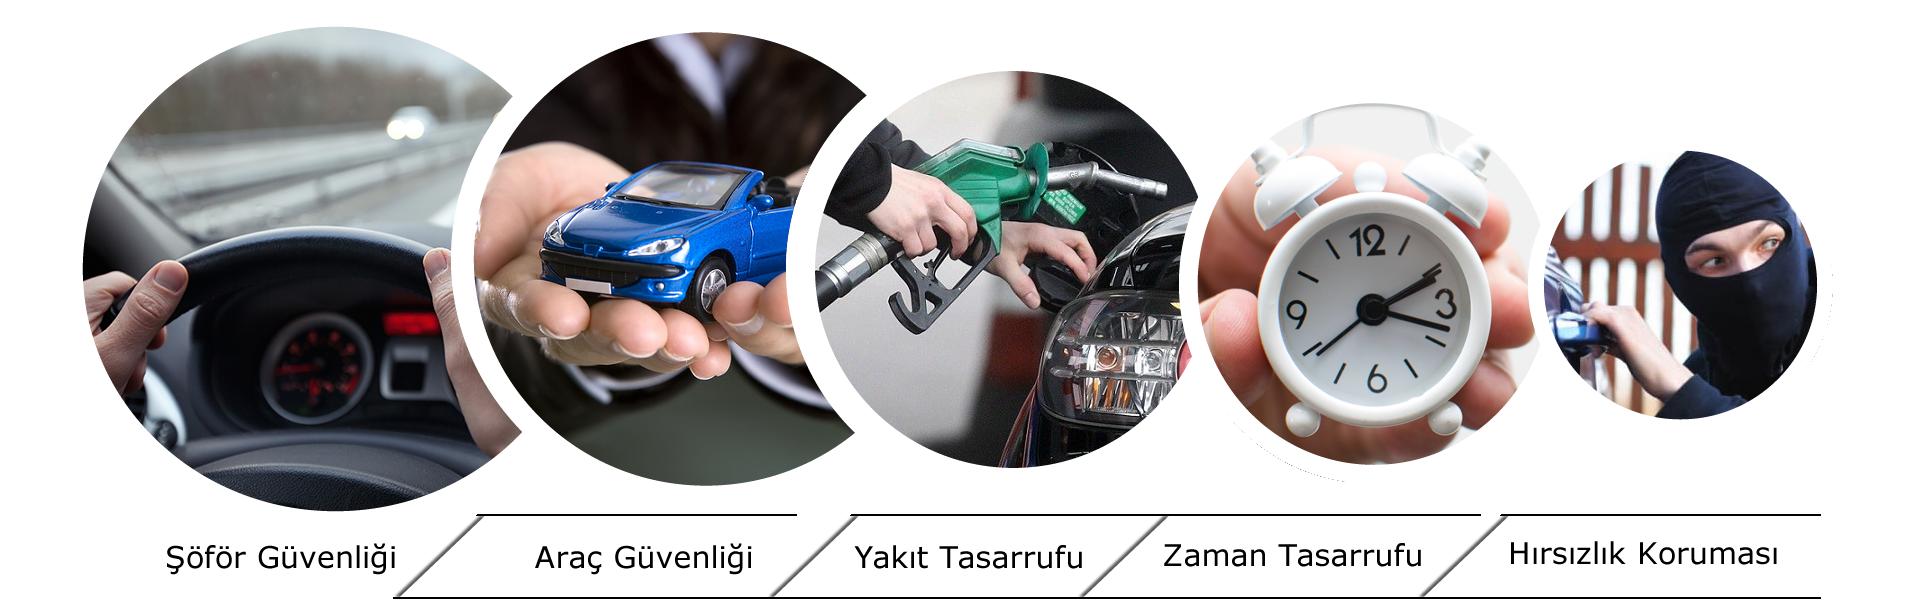 Osmaniye Araç takip gihazı özellikleri tanıtım resmi